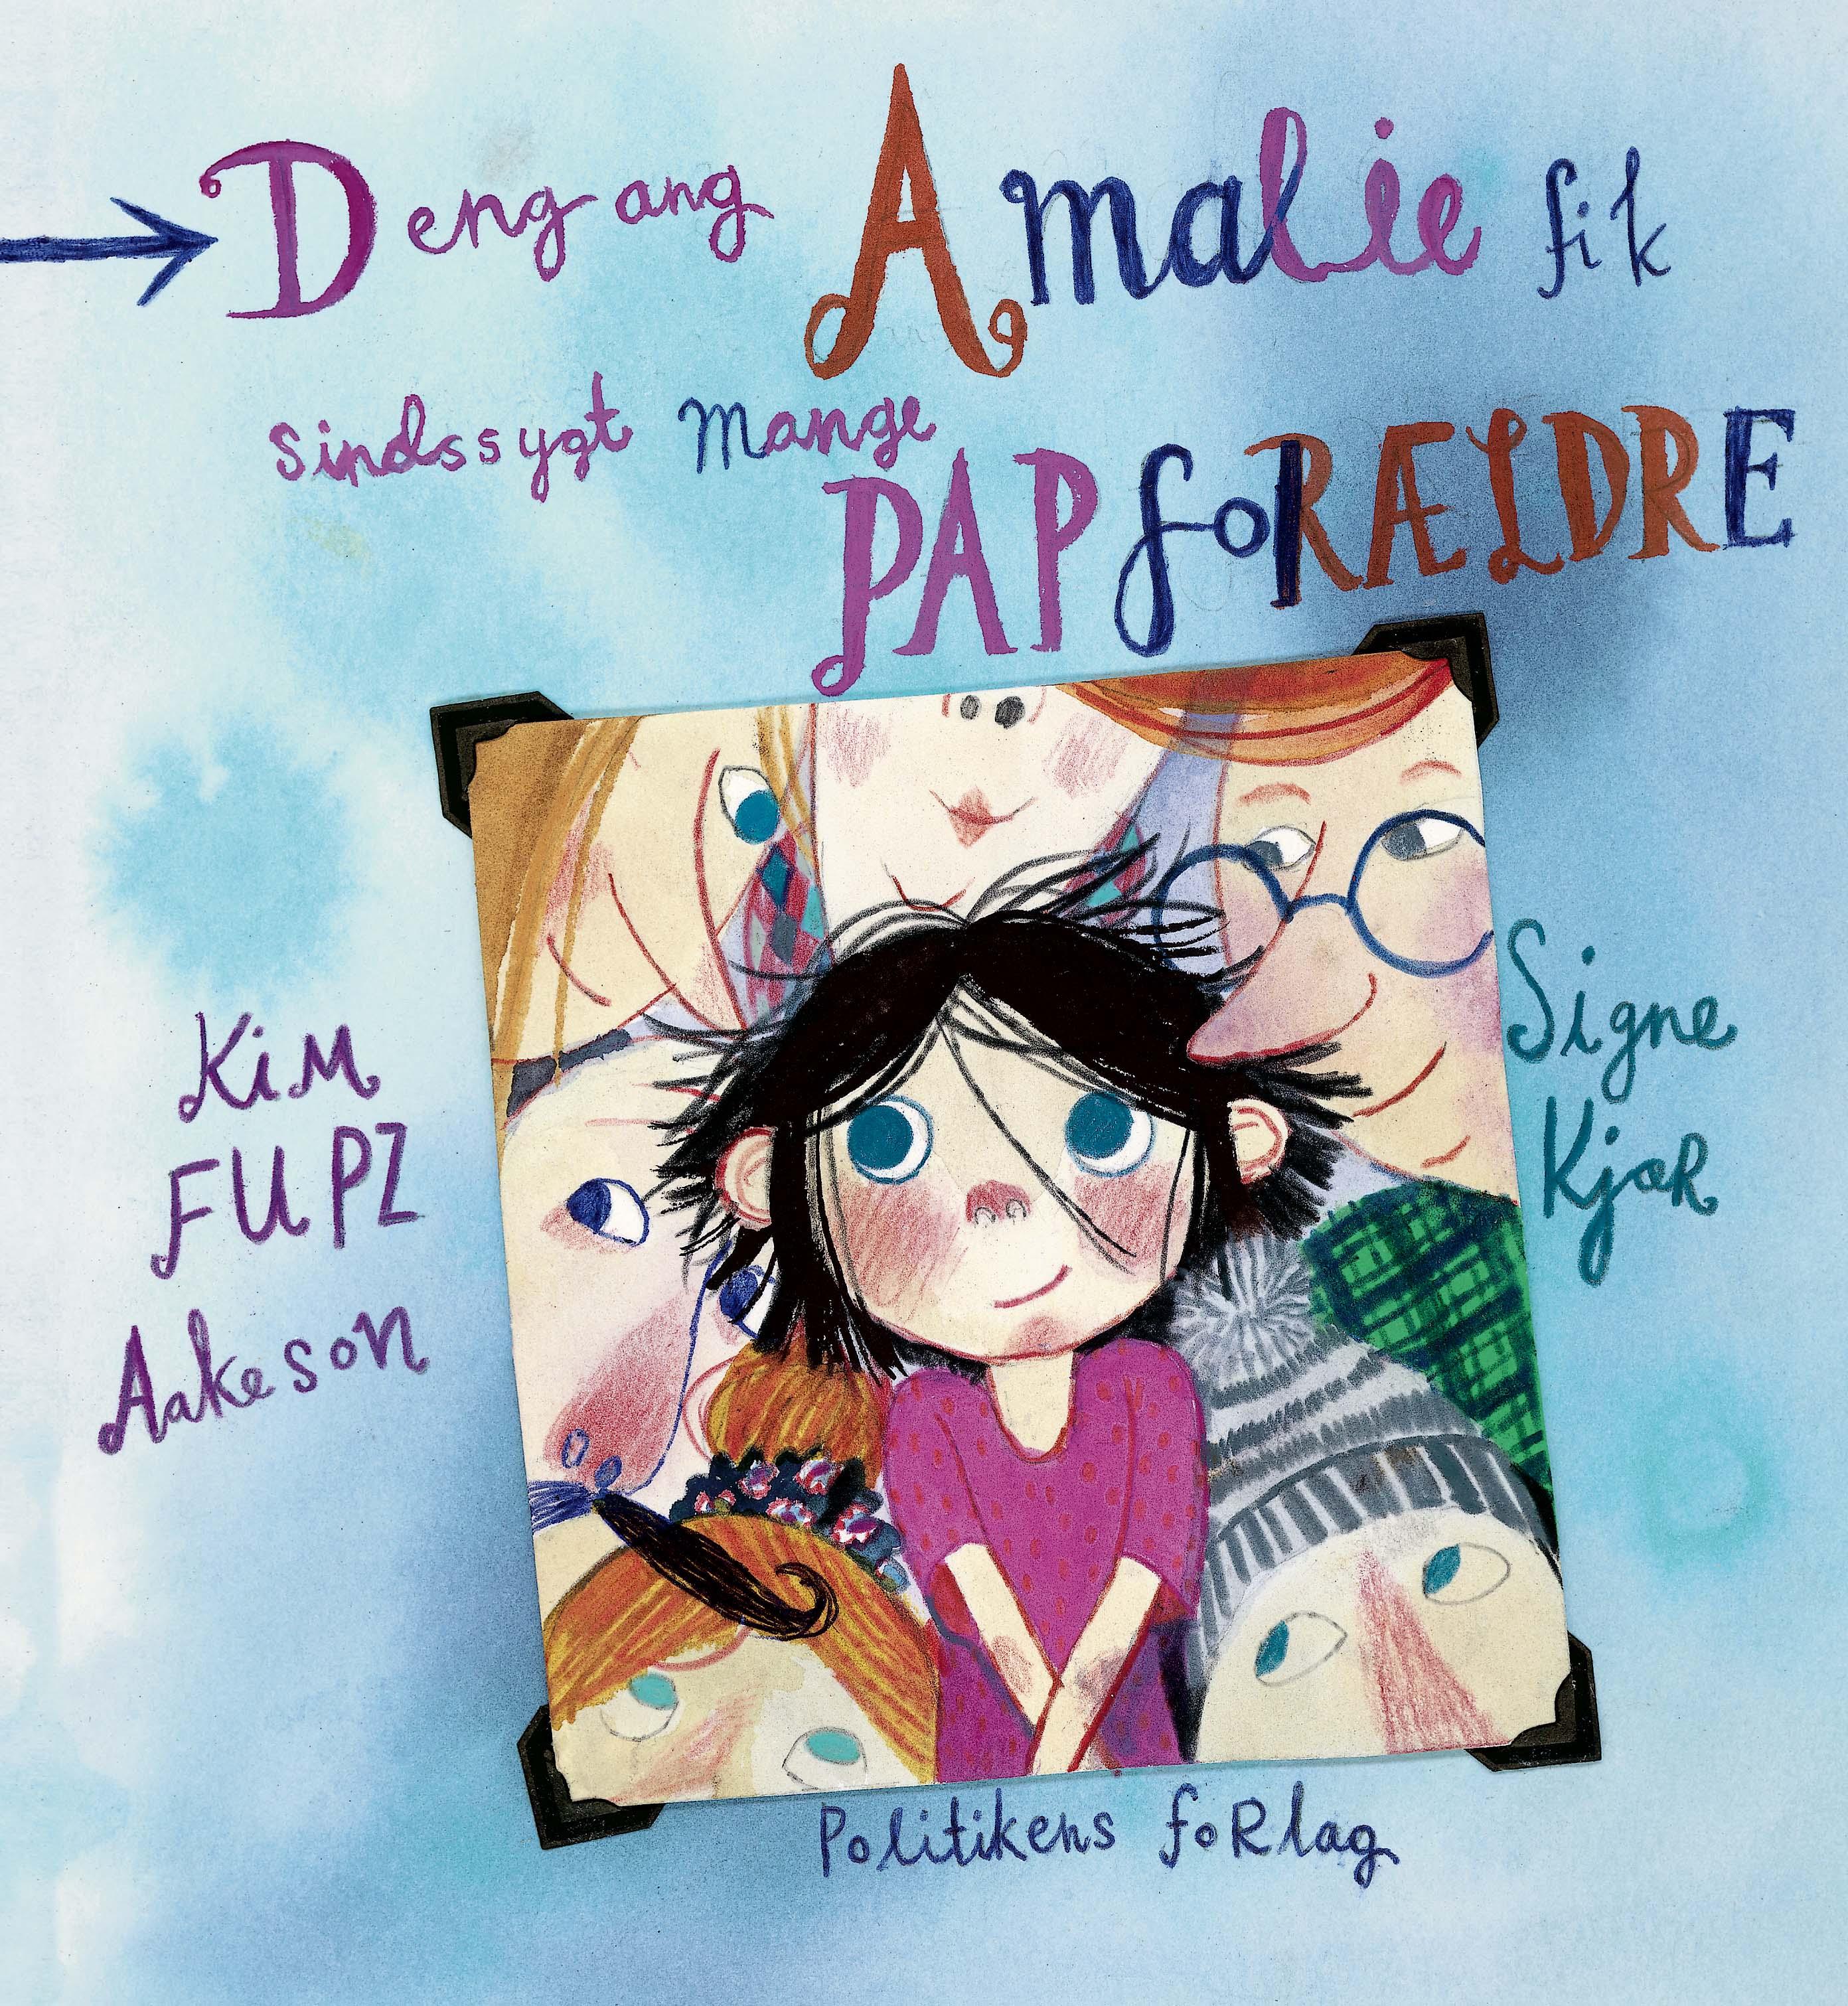 Dengang Amalie fik sindssygt mange papforældre - Kim Fupz Aakeson - Bøger - Politikens Forlag - 9788740065039 - 25/2-2021